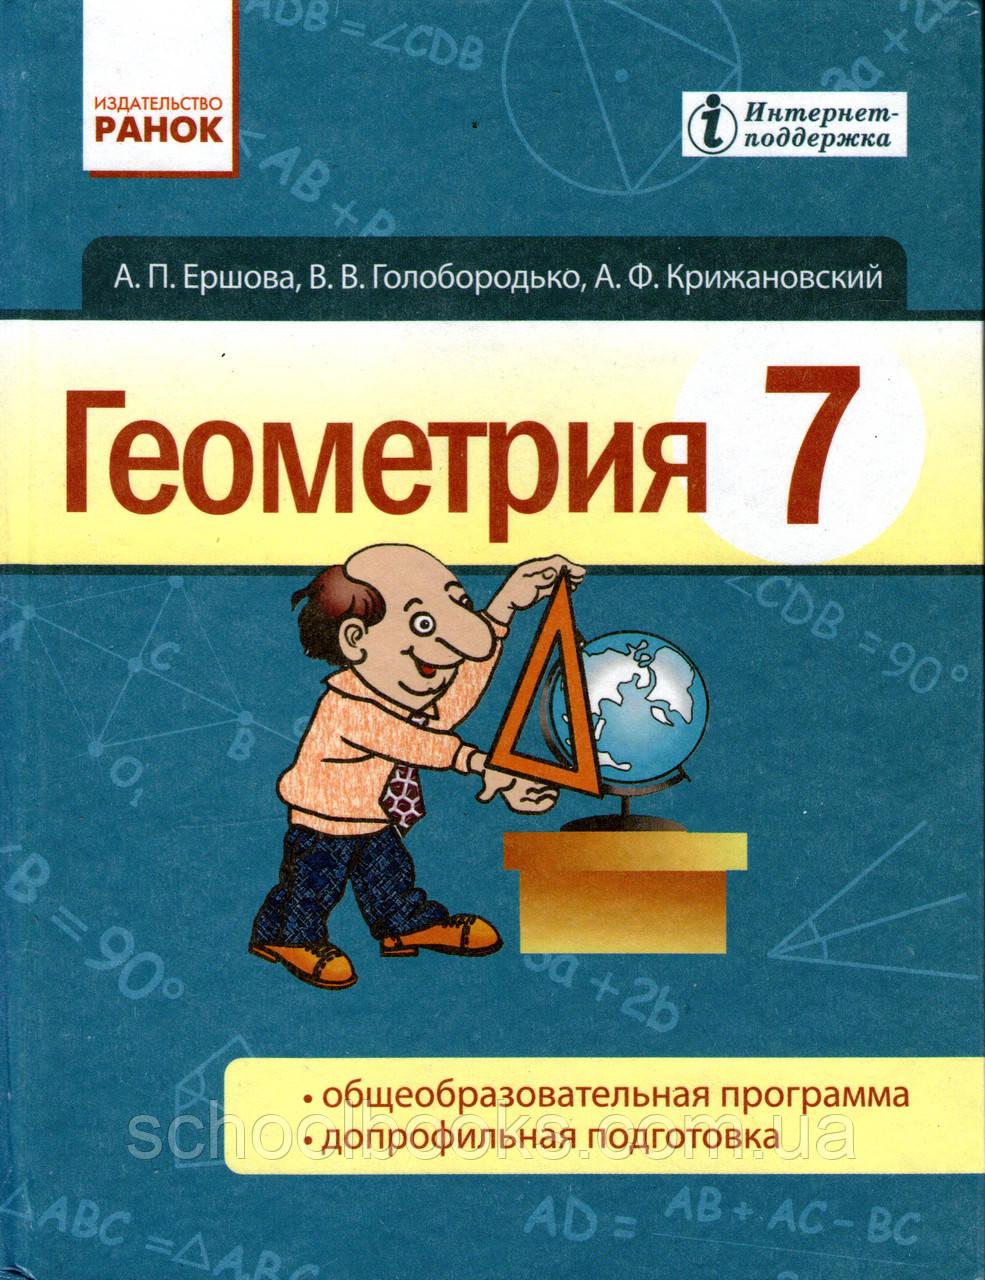 Ершов геометрия 7 класс учебник